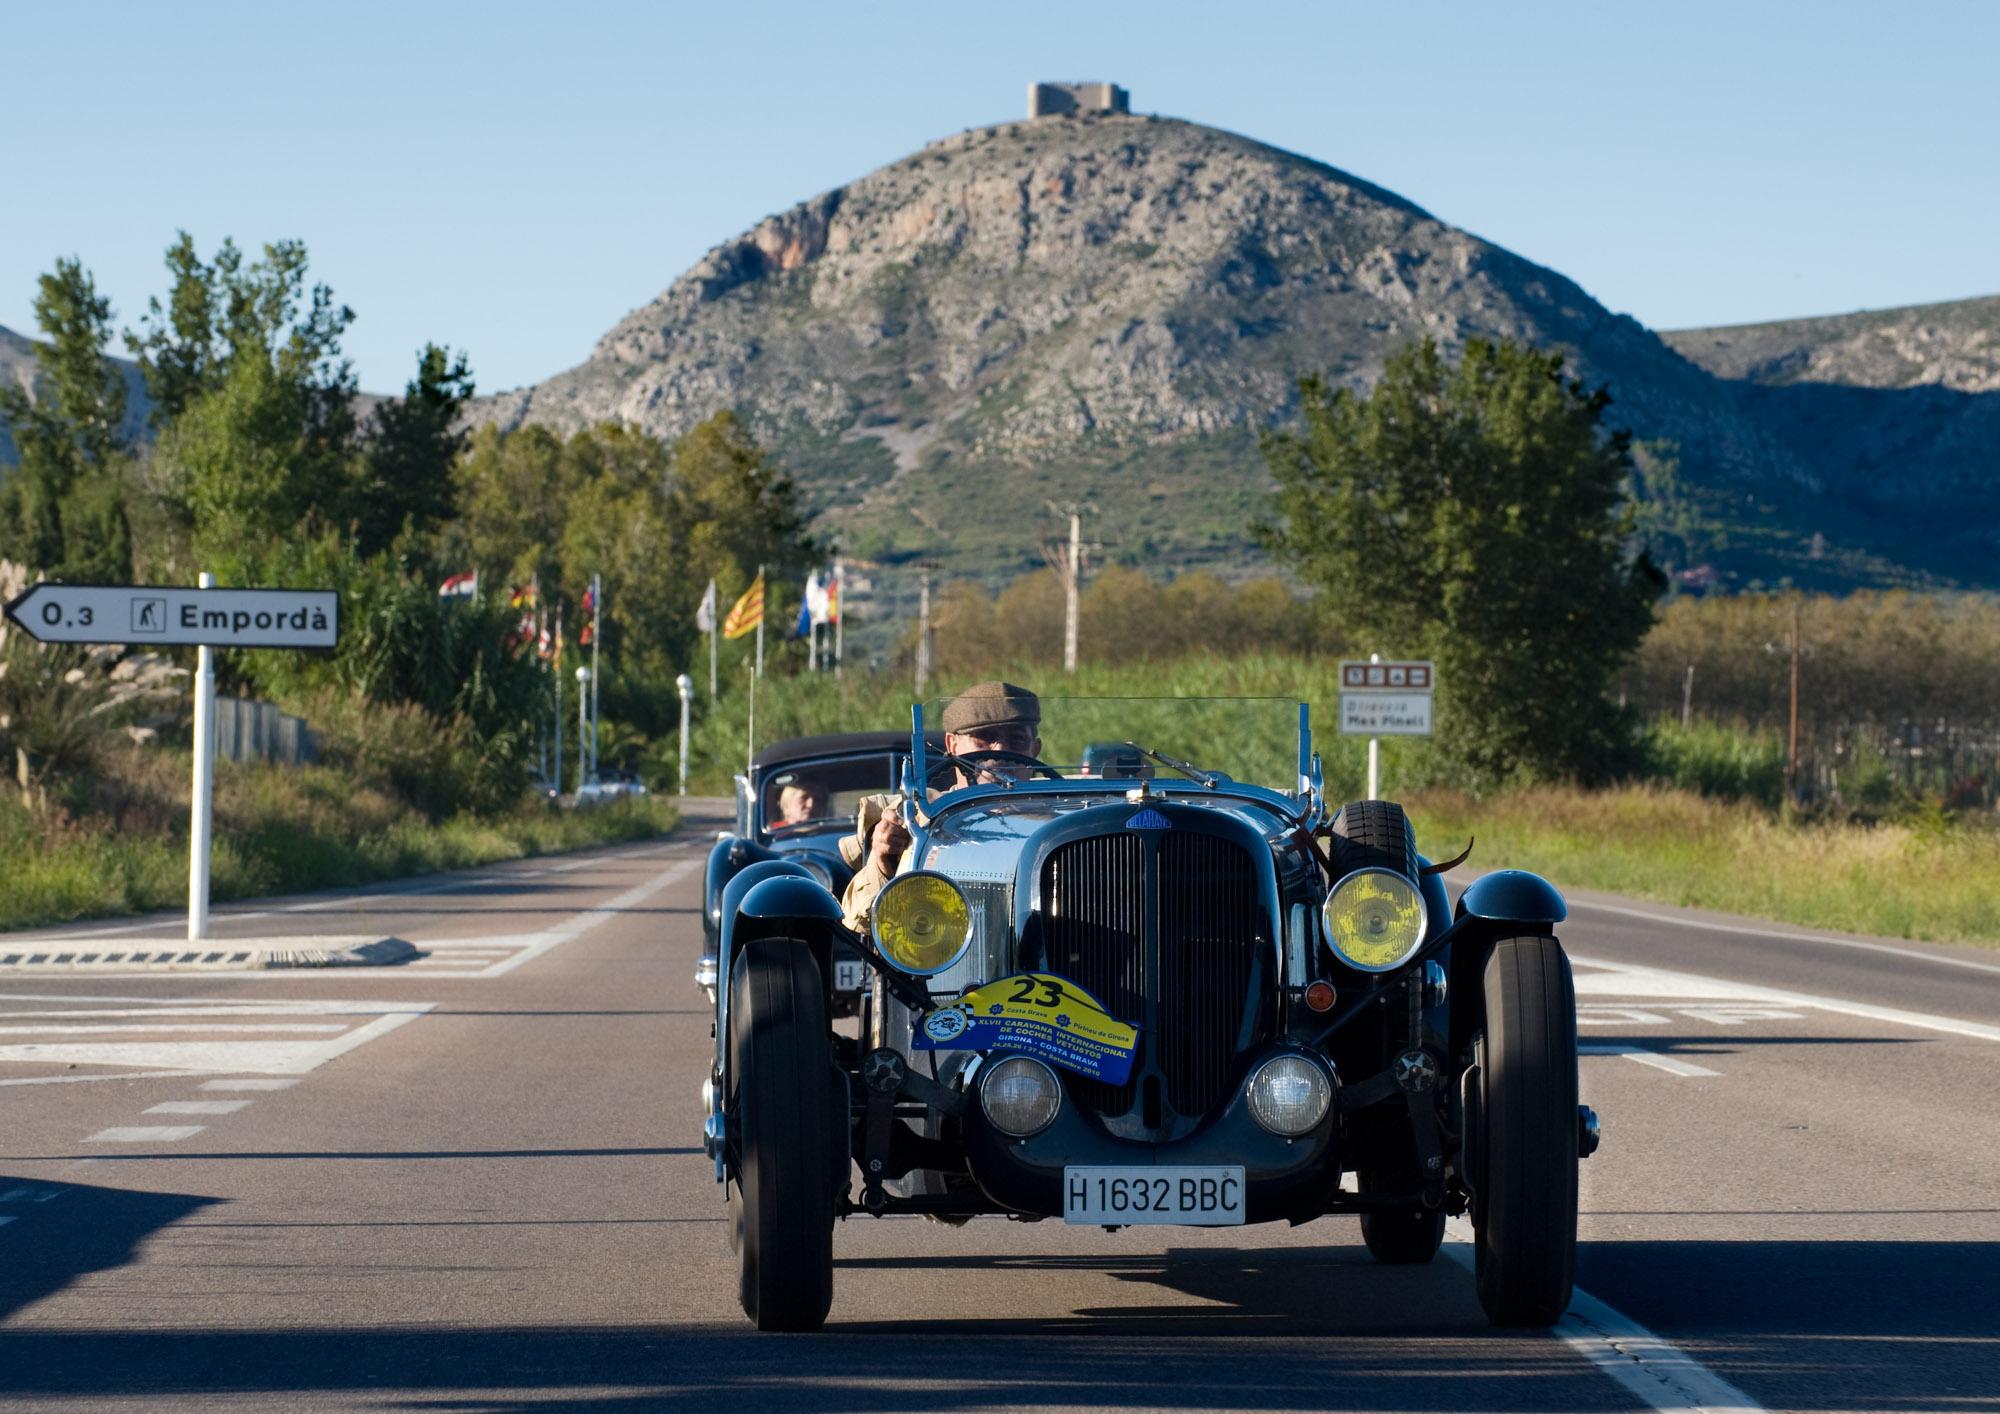 La 46ème caravane de voitures anciennes de Gérone